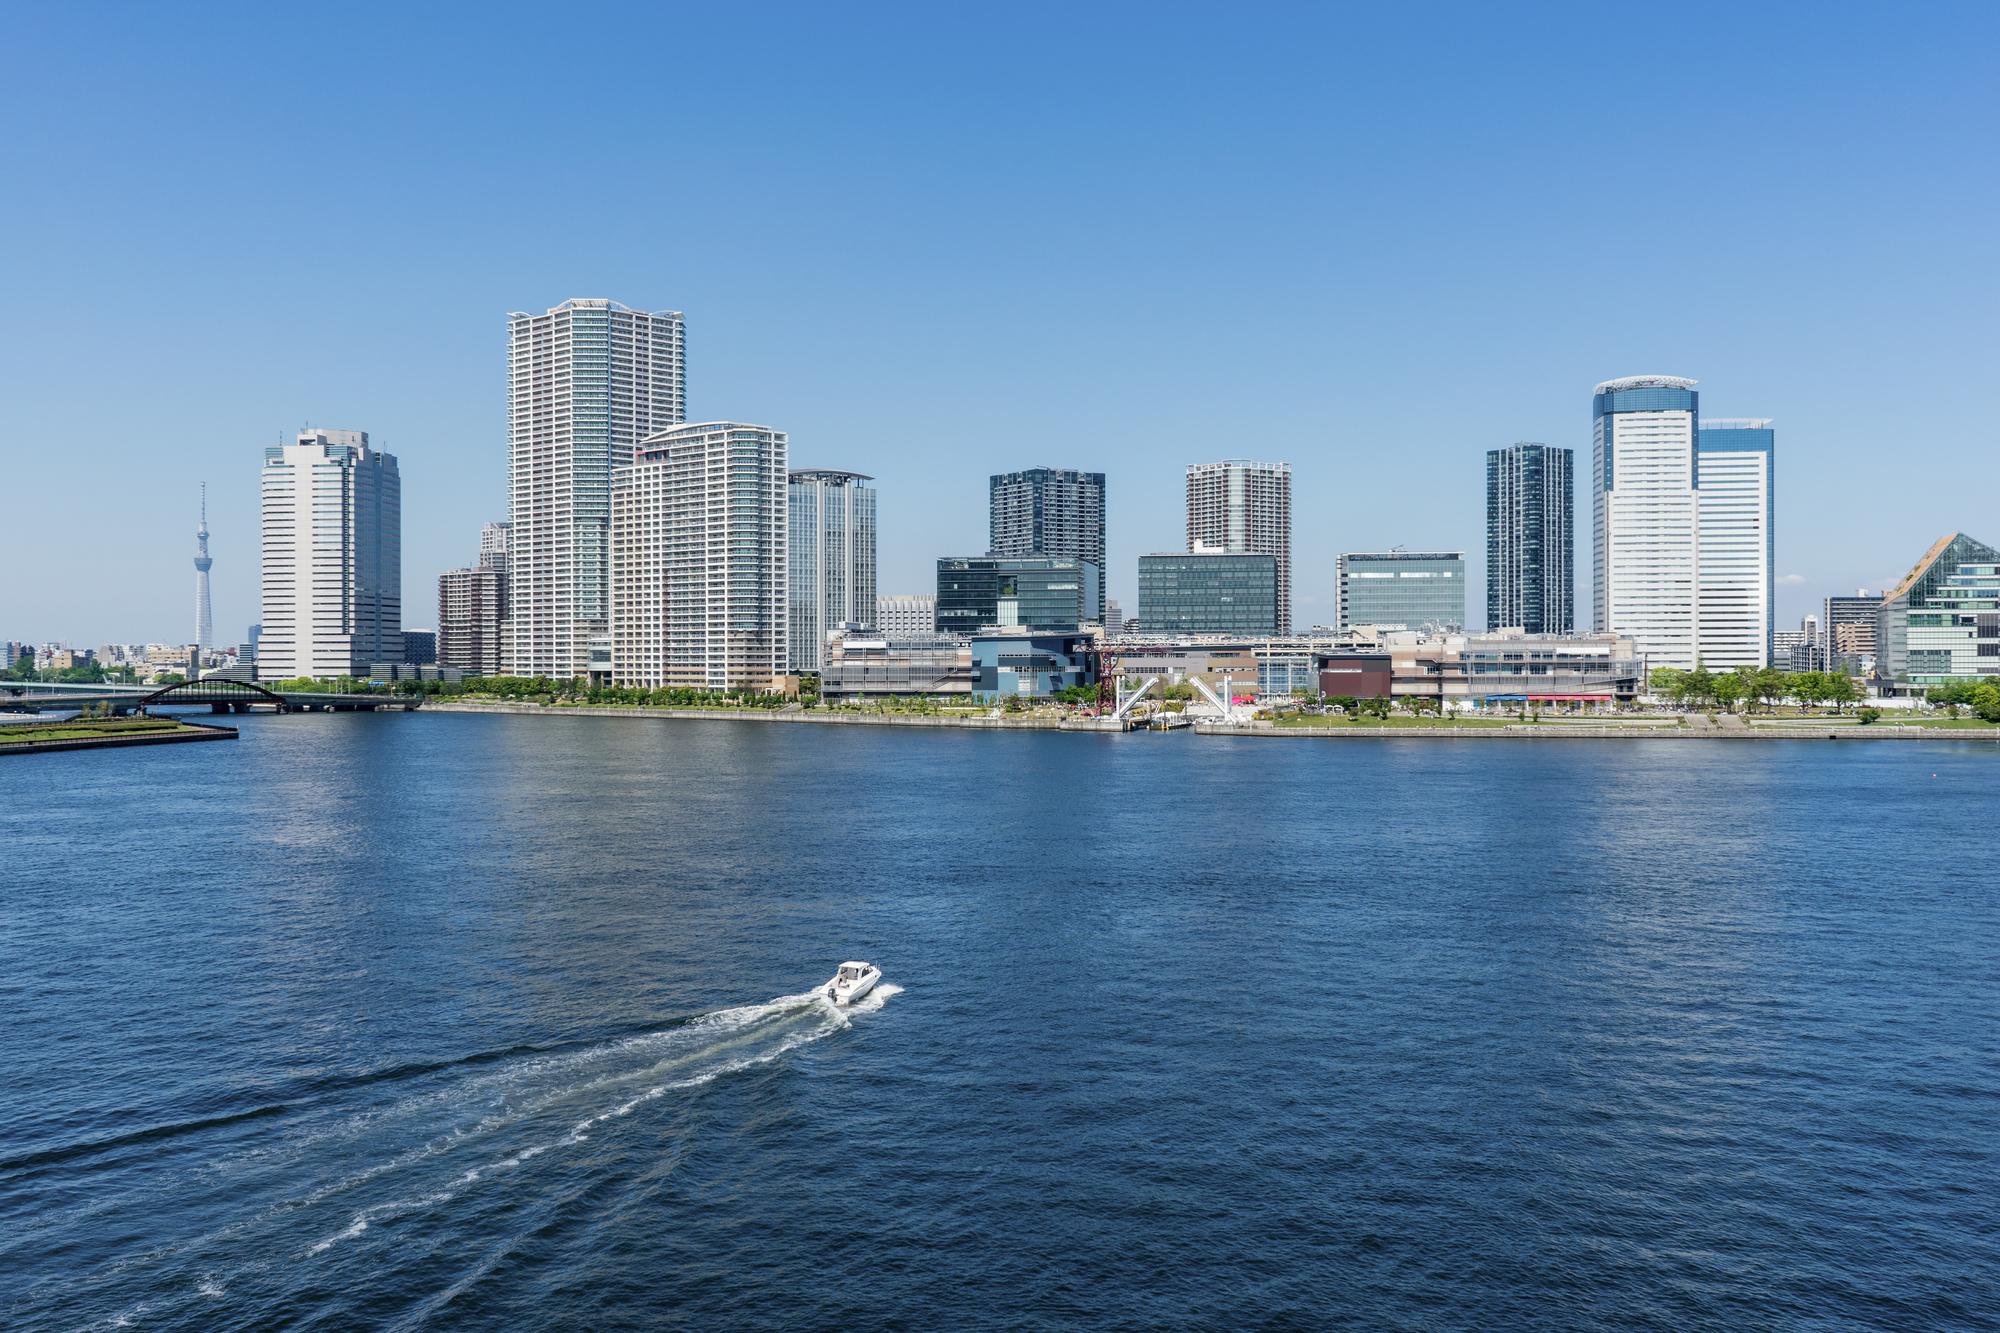 東京湾から見る豊洲エリアとスカイツリー